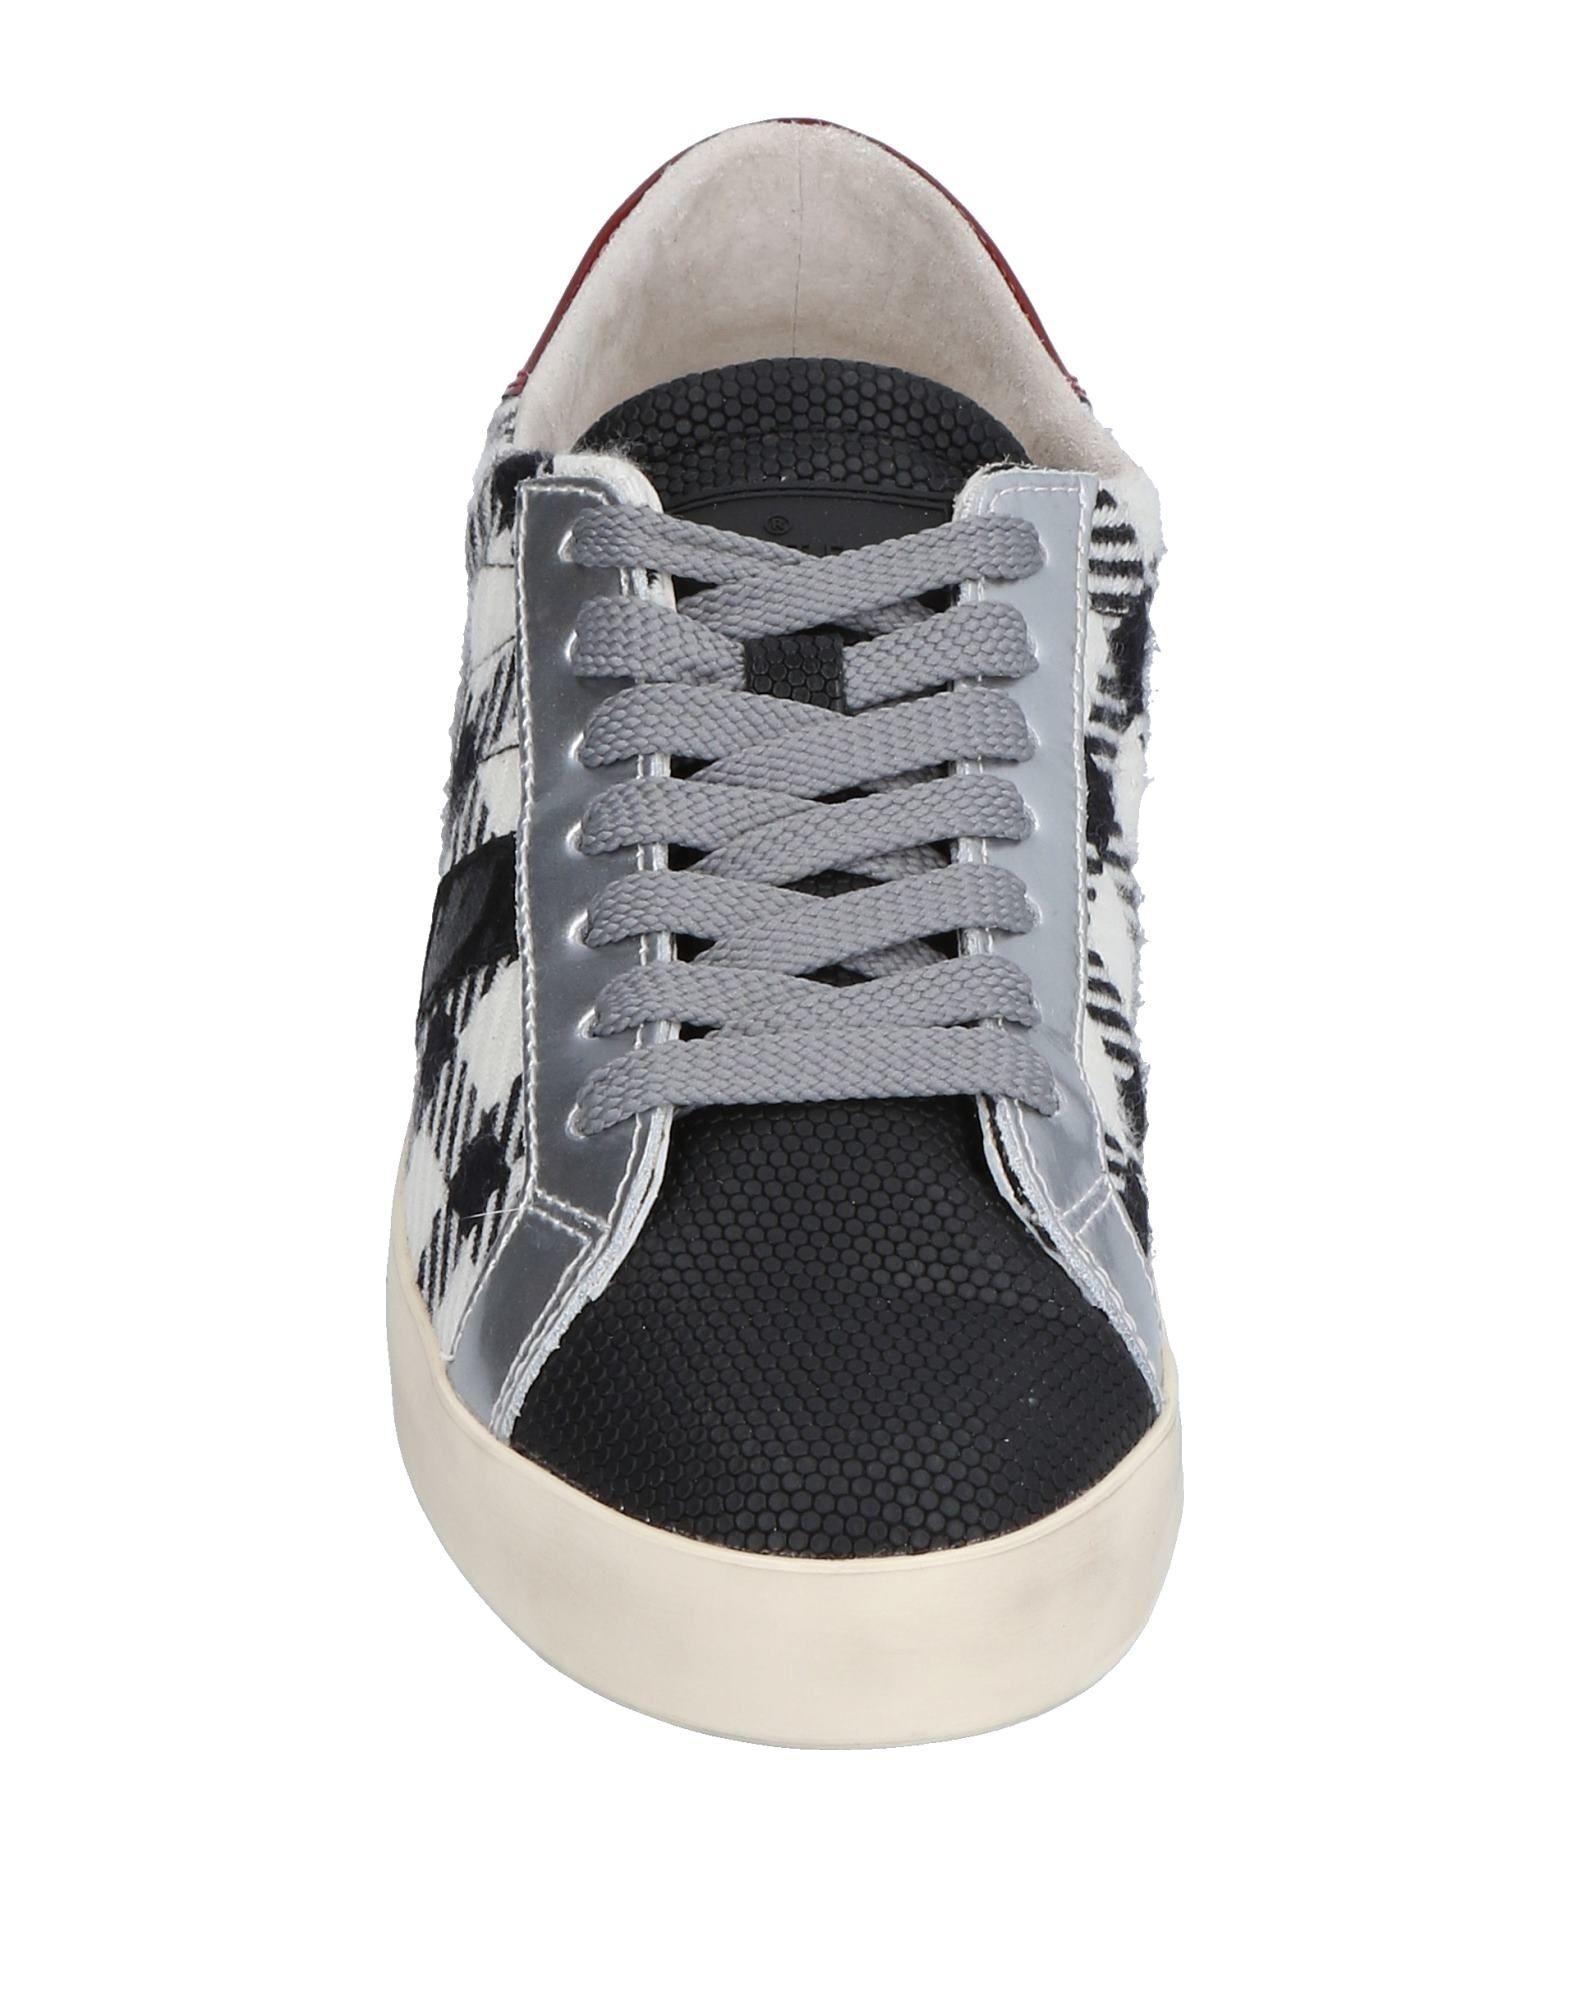 D.A.T.E. Sneakers Damen  11507560CE Schuhe Gute Qualität beliebte Schuhe 11507560CE 67821e